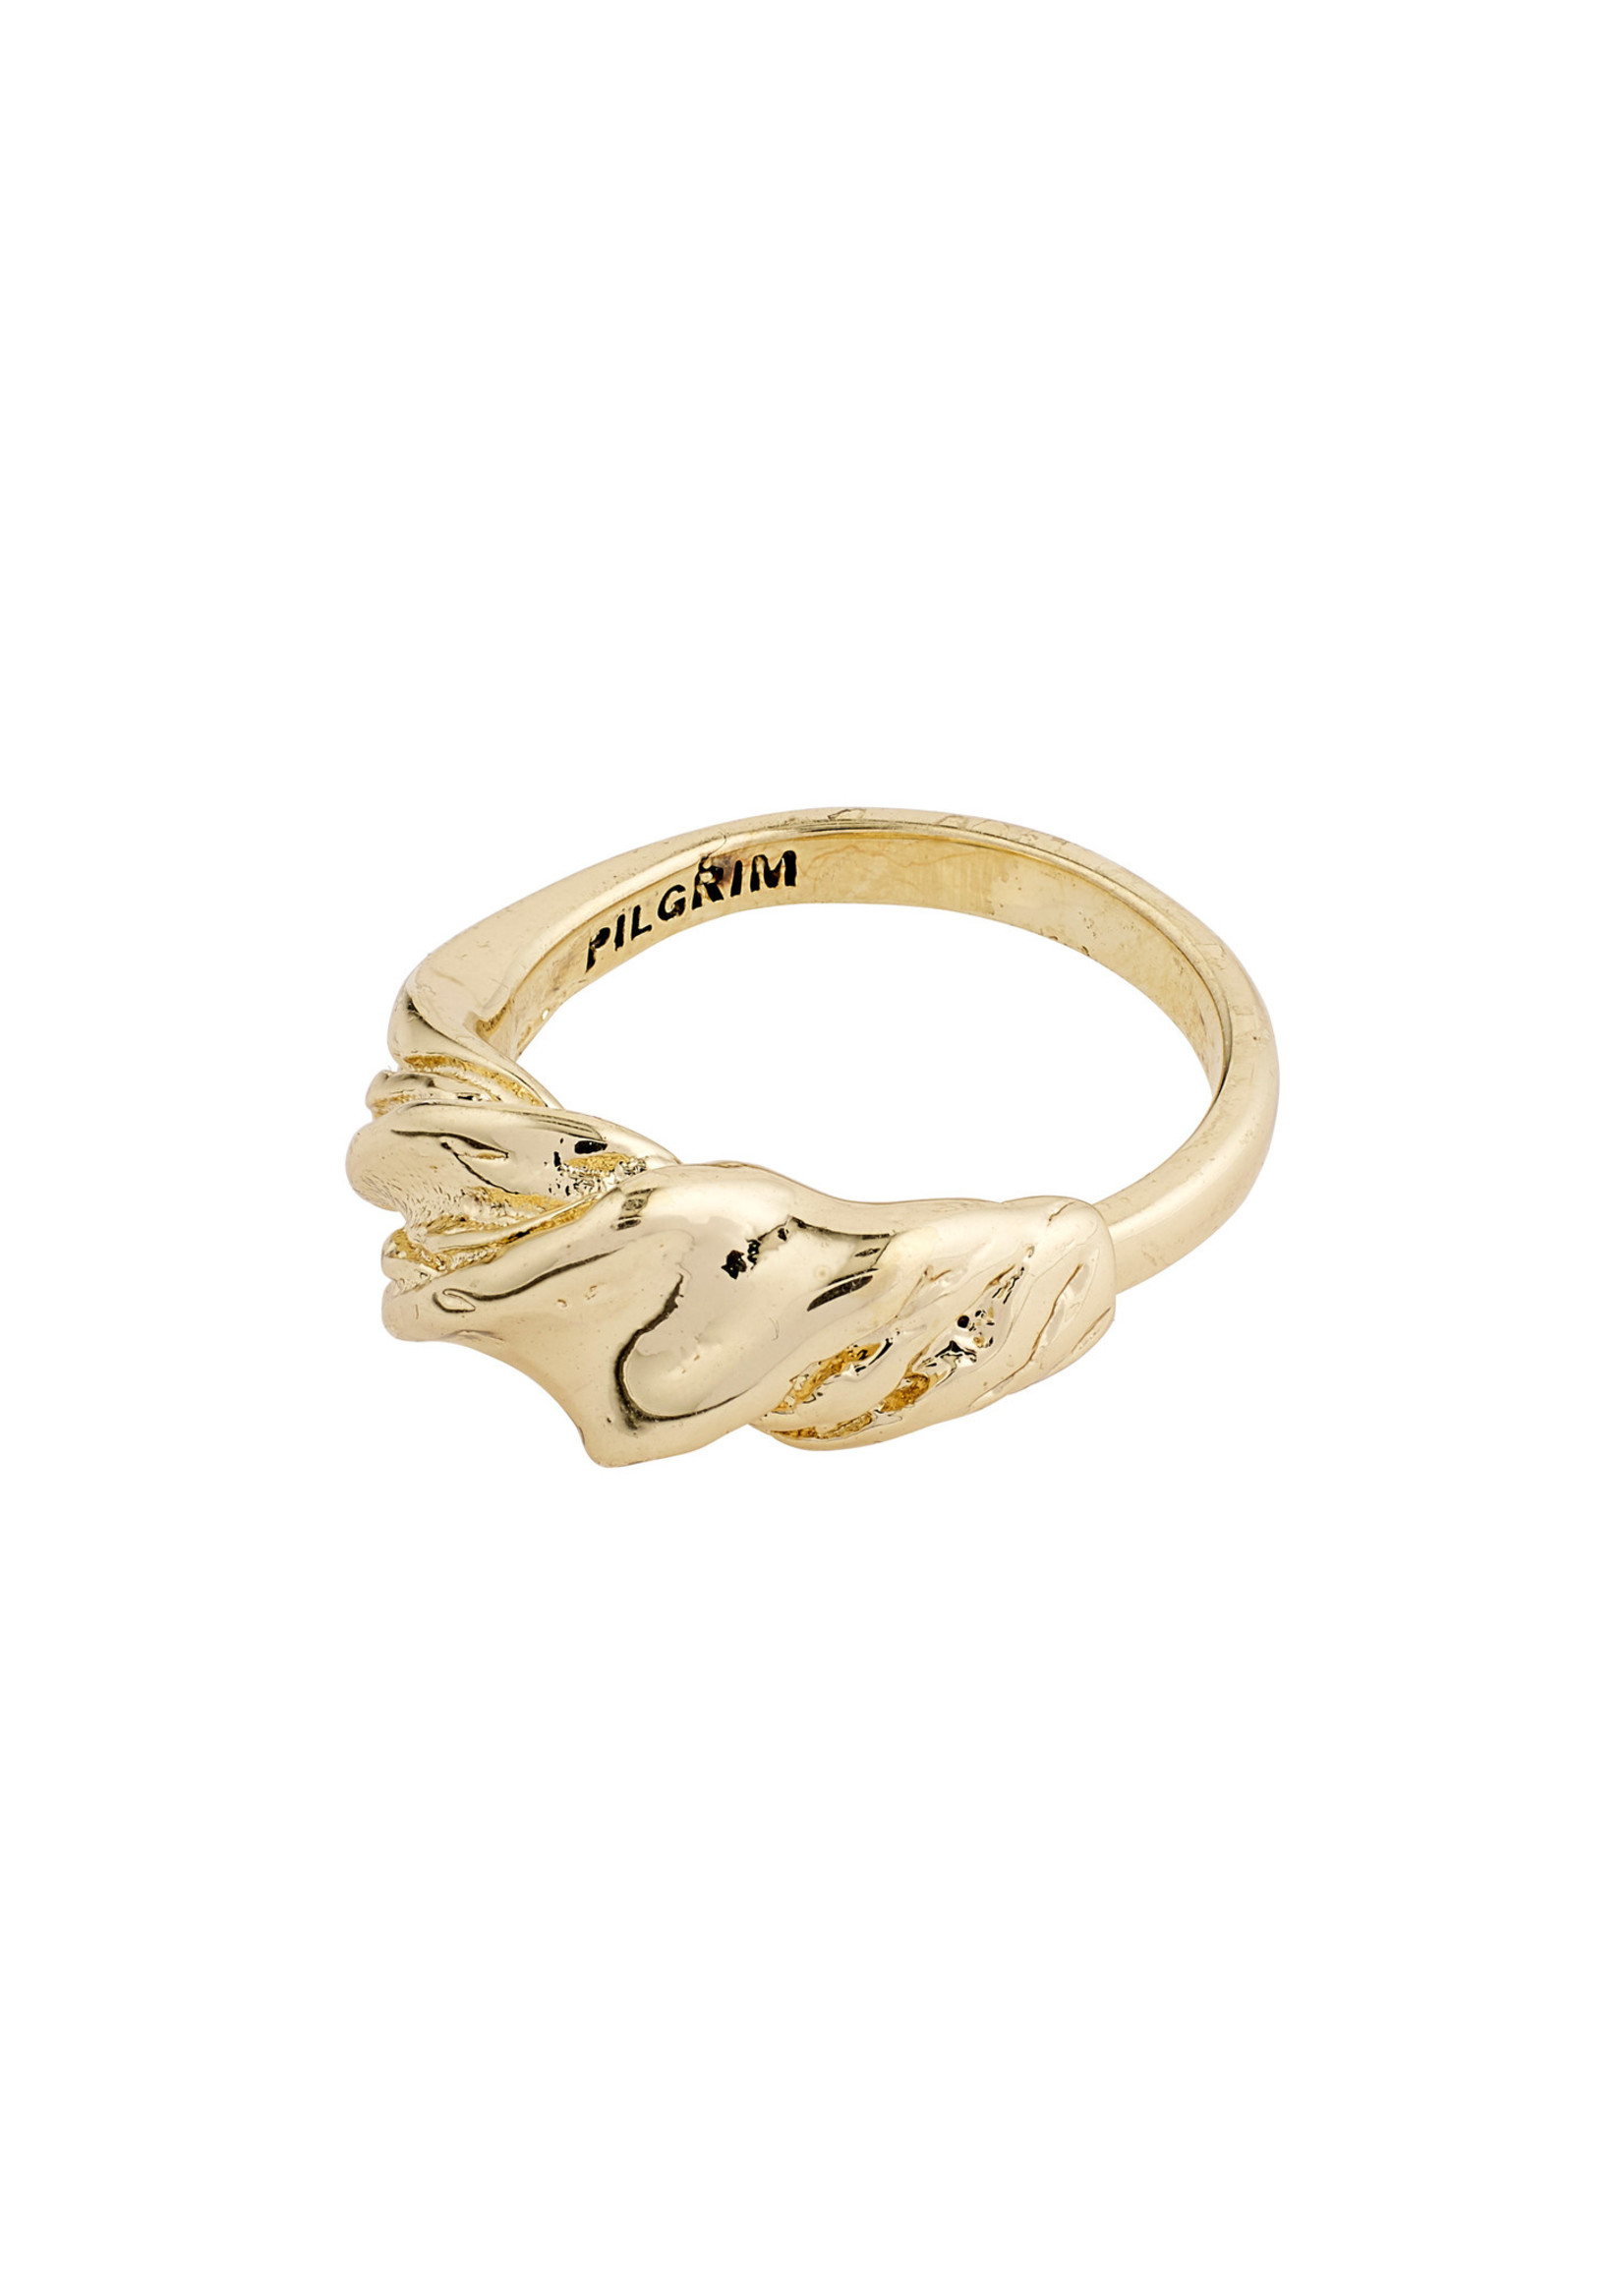 PILGRIM PILGRIM SIMPLICITY  GOLD NECKLACE